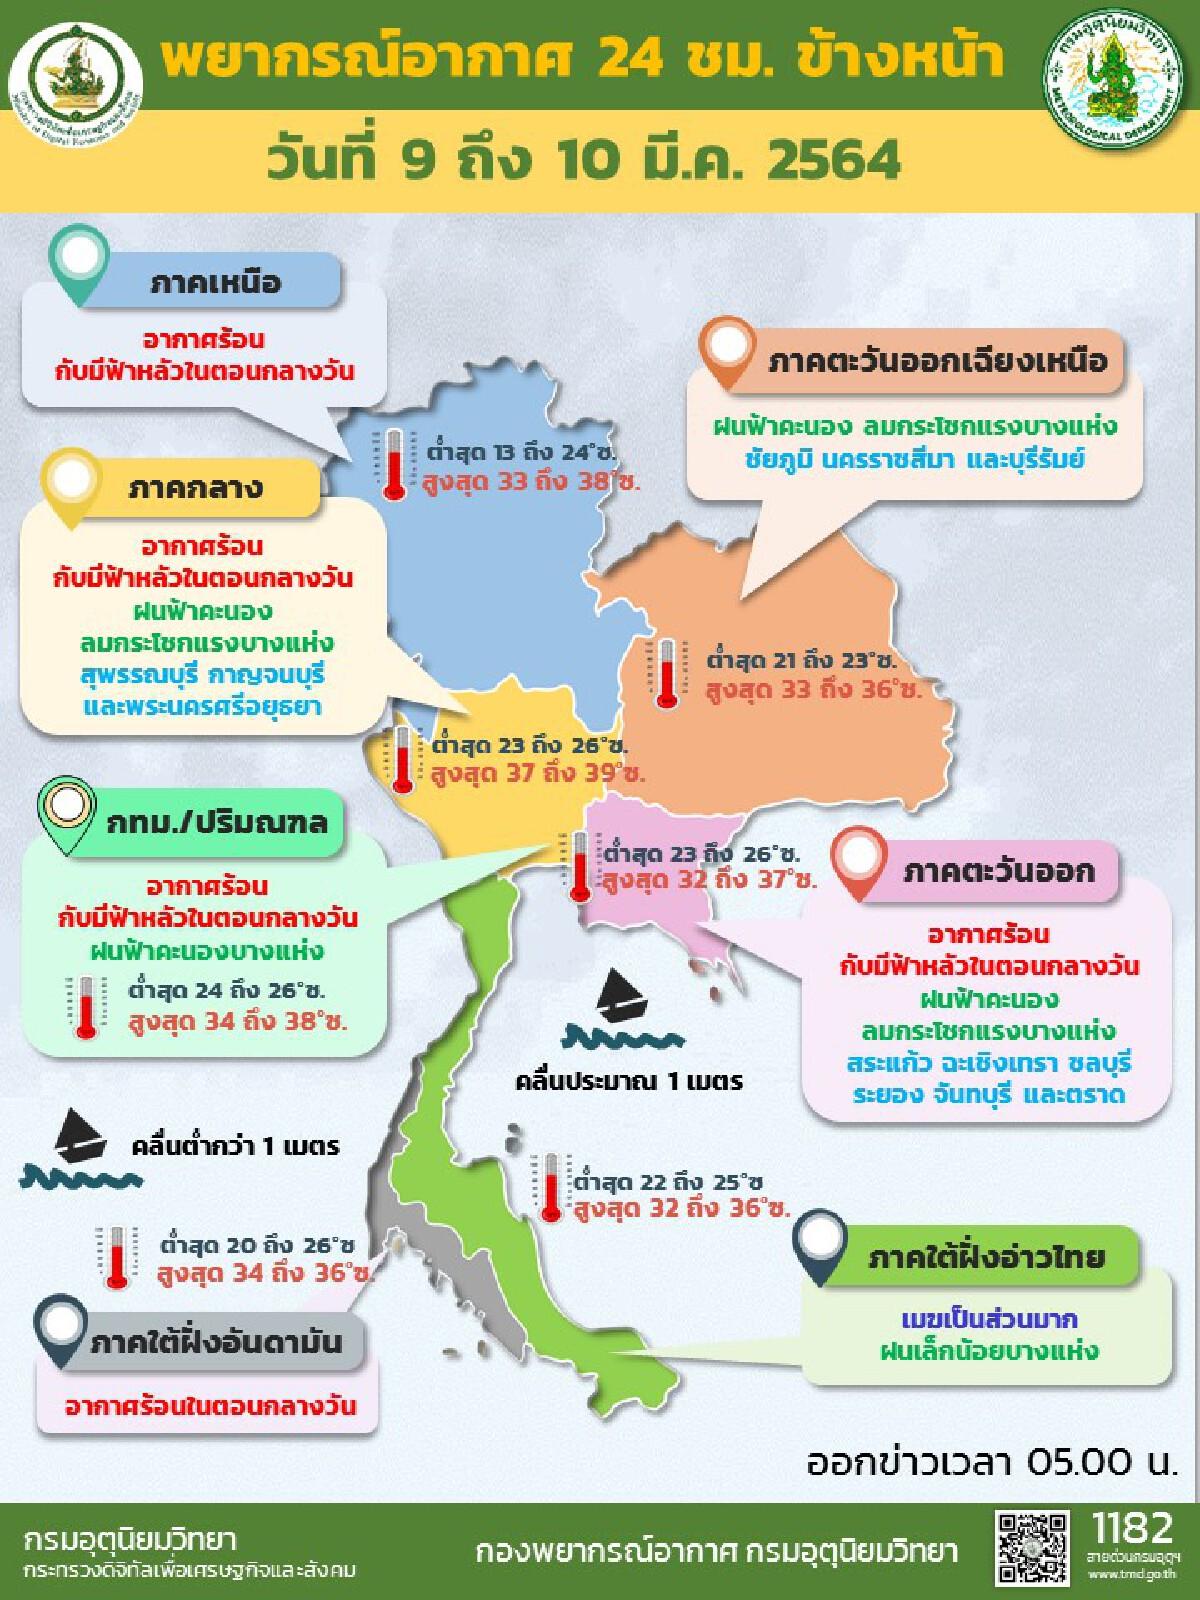 กรมอุตุฯ กรุงเทพมหานครและปริมณฑล อากาศร้อนกับมีฝนร้อยละ 10 ของพื้นที่